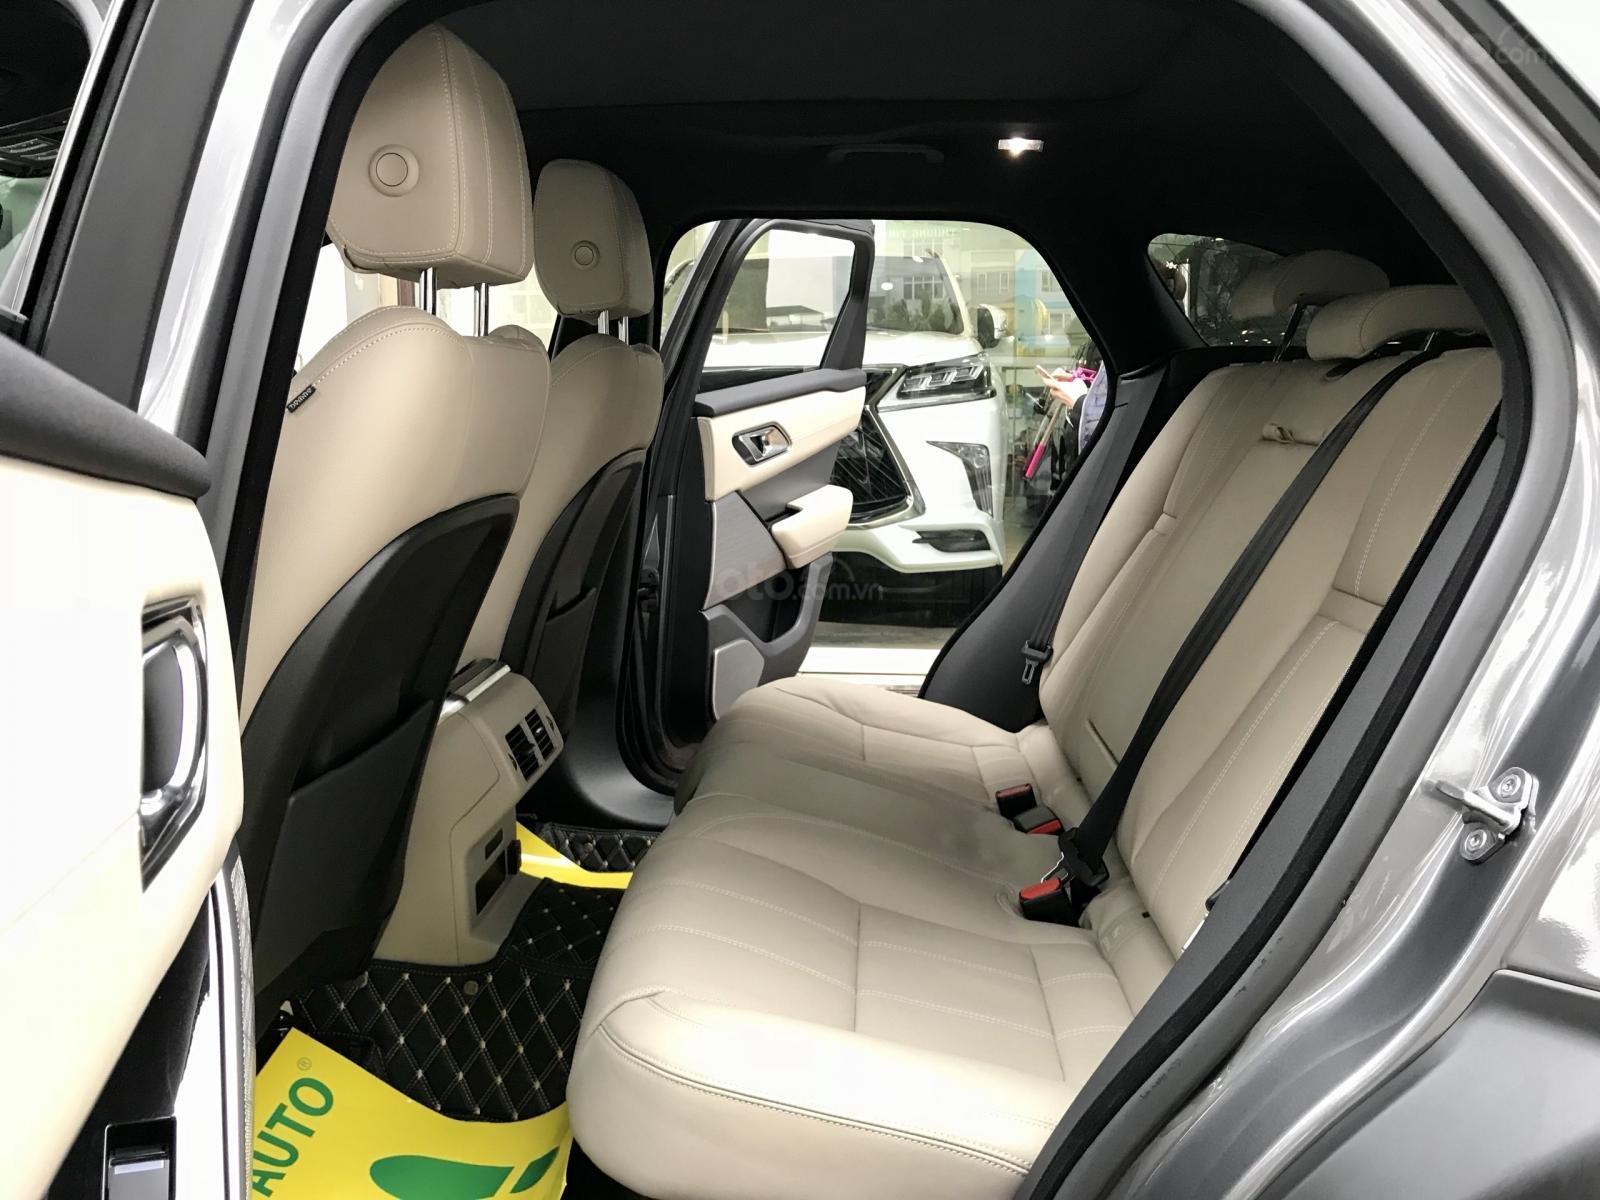 Bán xe LandRover Range Rover Velar P250 SE R-Dynamic sản xuất 2018, màu xám, nhập khẩu - LH: 0905.09.8888 - 0982.84.2838-22